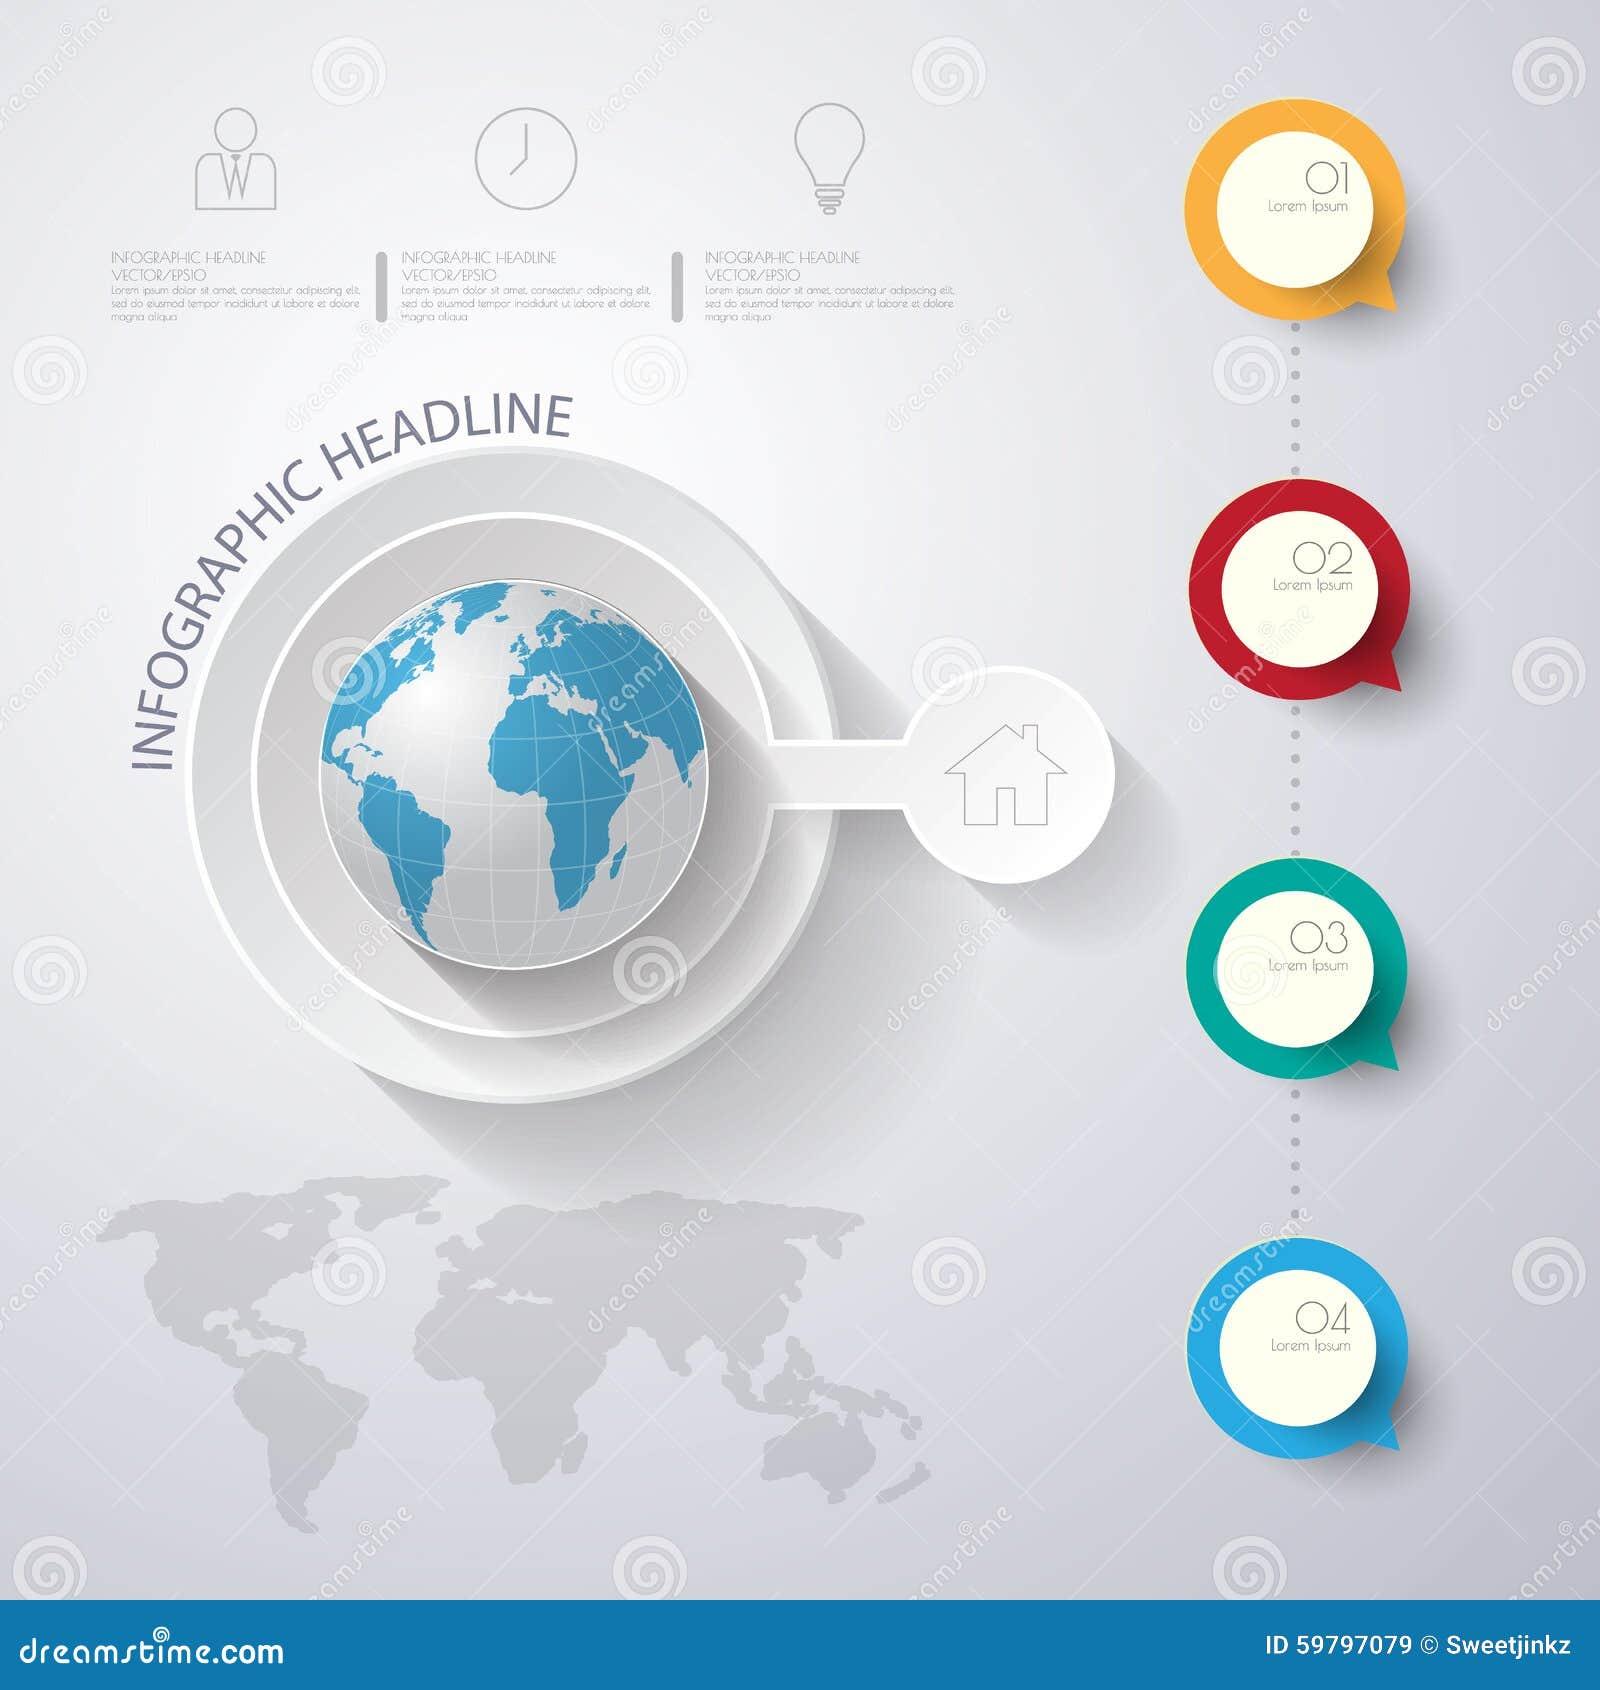 Αφηρημένη τρισδιάστατη ψηφιακή απεικόνιση Infographic με τον παγκόσμιο χάρτη μπορέστε